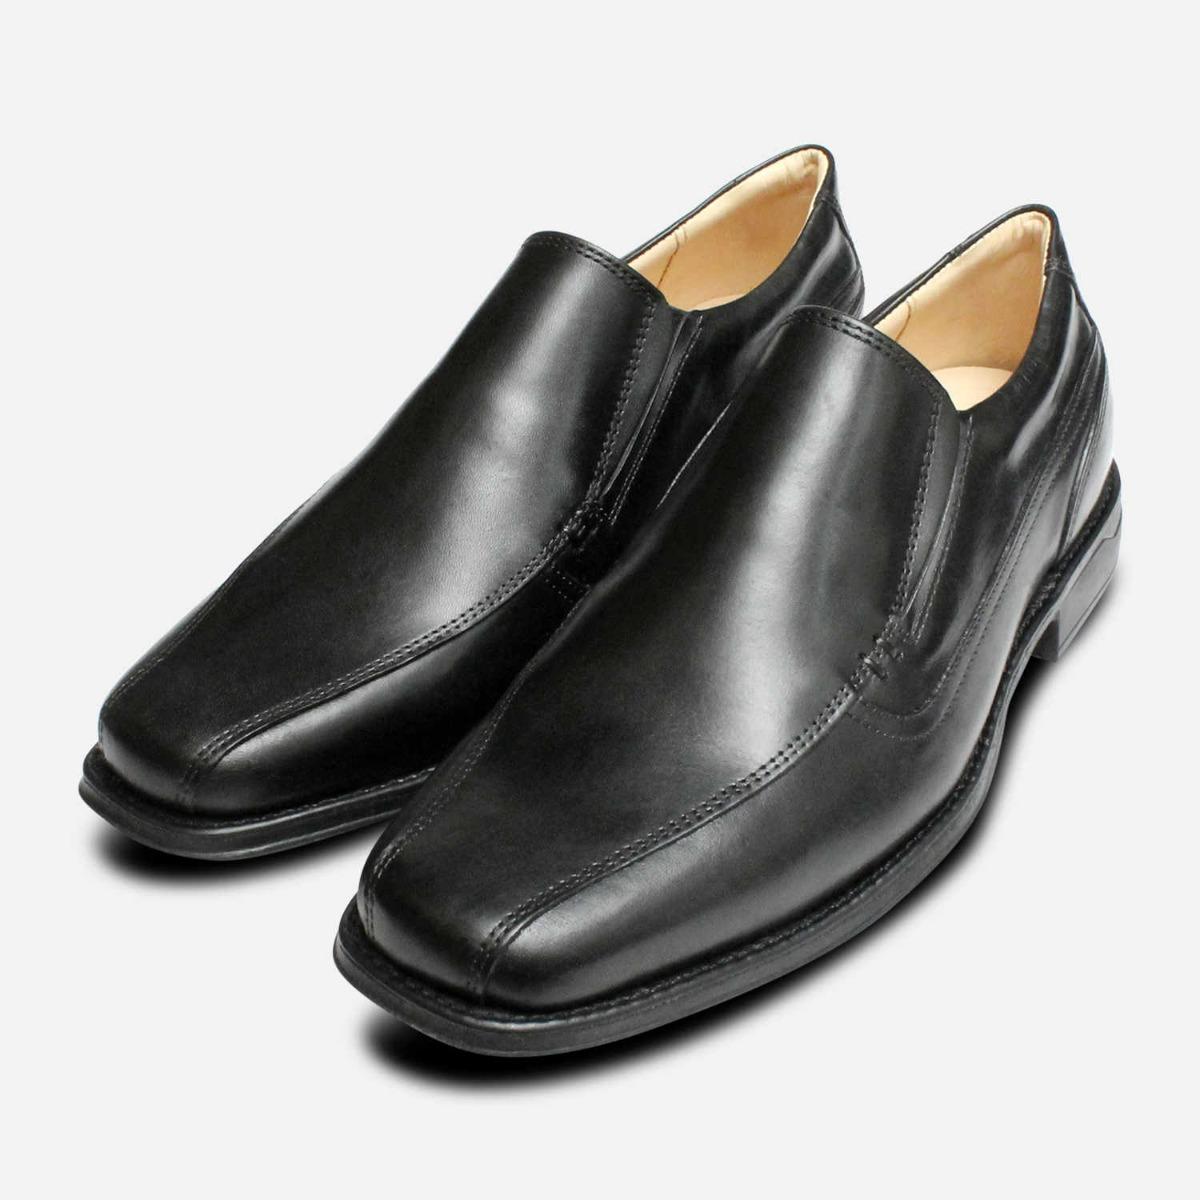 Detalles de Punta Cuadrada Mocasines de Vestir en Negro por Anatomic Zapatos